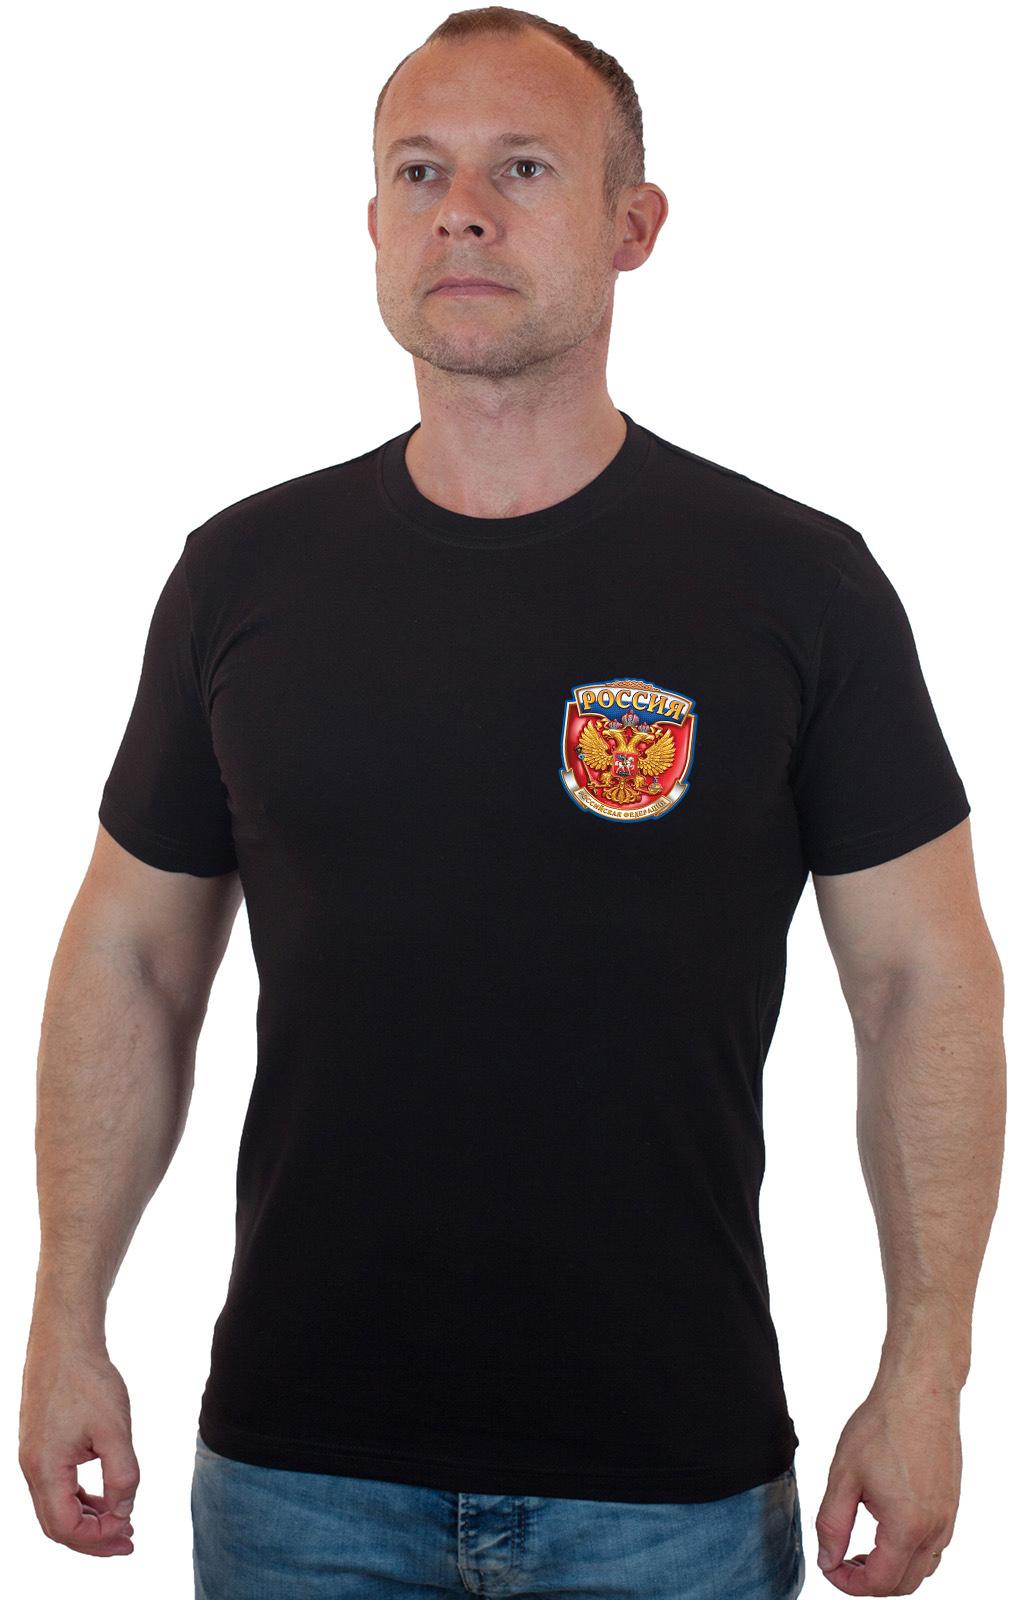 Черная футболка с Российским гербом - купить в подарок